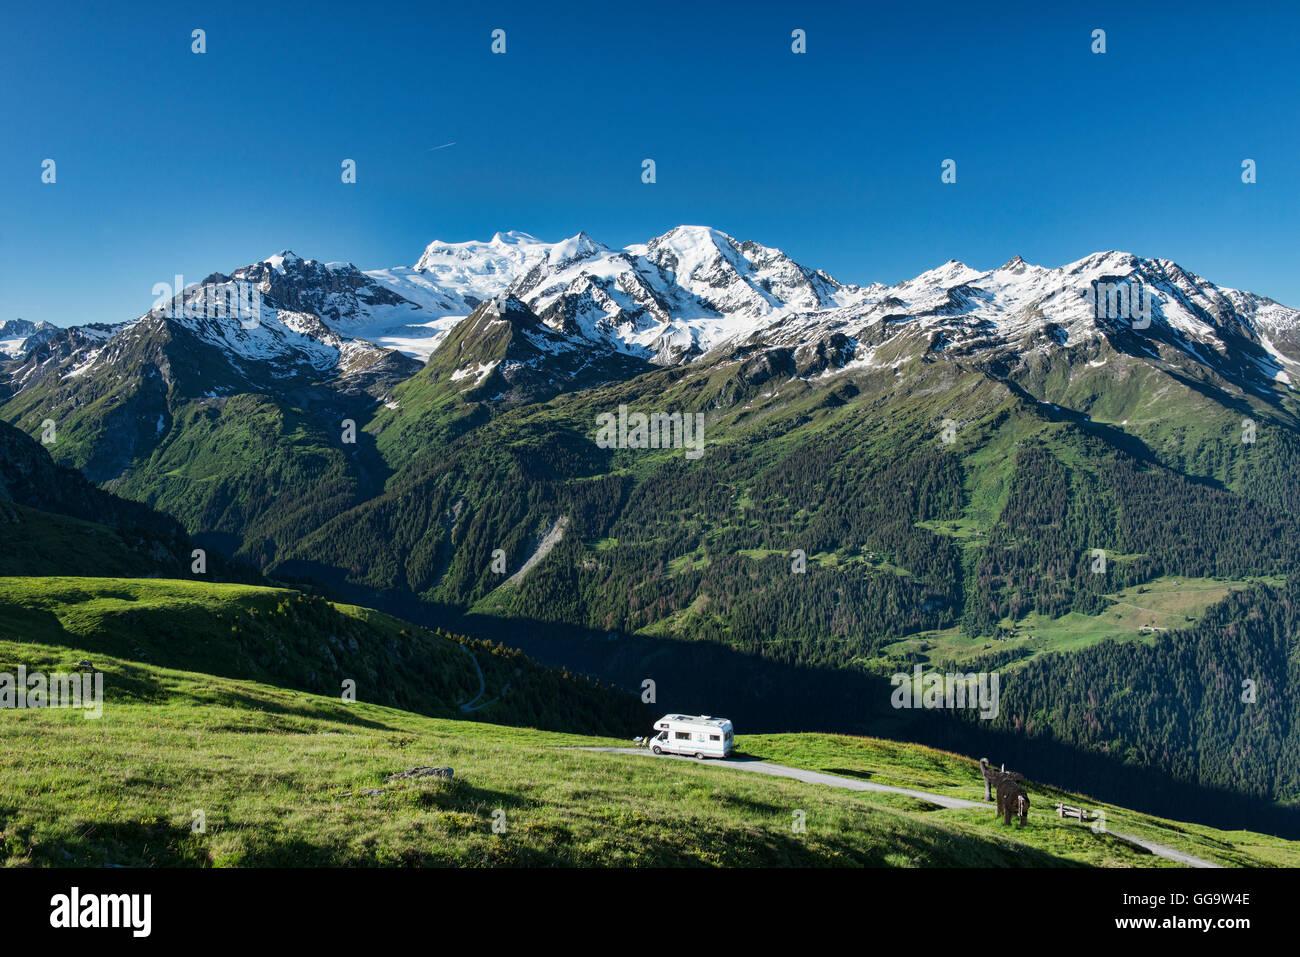 World's best campspot, RV parked overlooking the Grand Combin above Verbier, Val de Bagnes, Switzerland - Stock Image